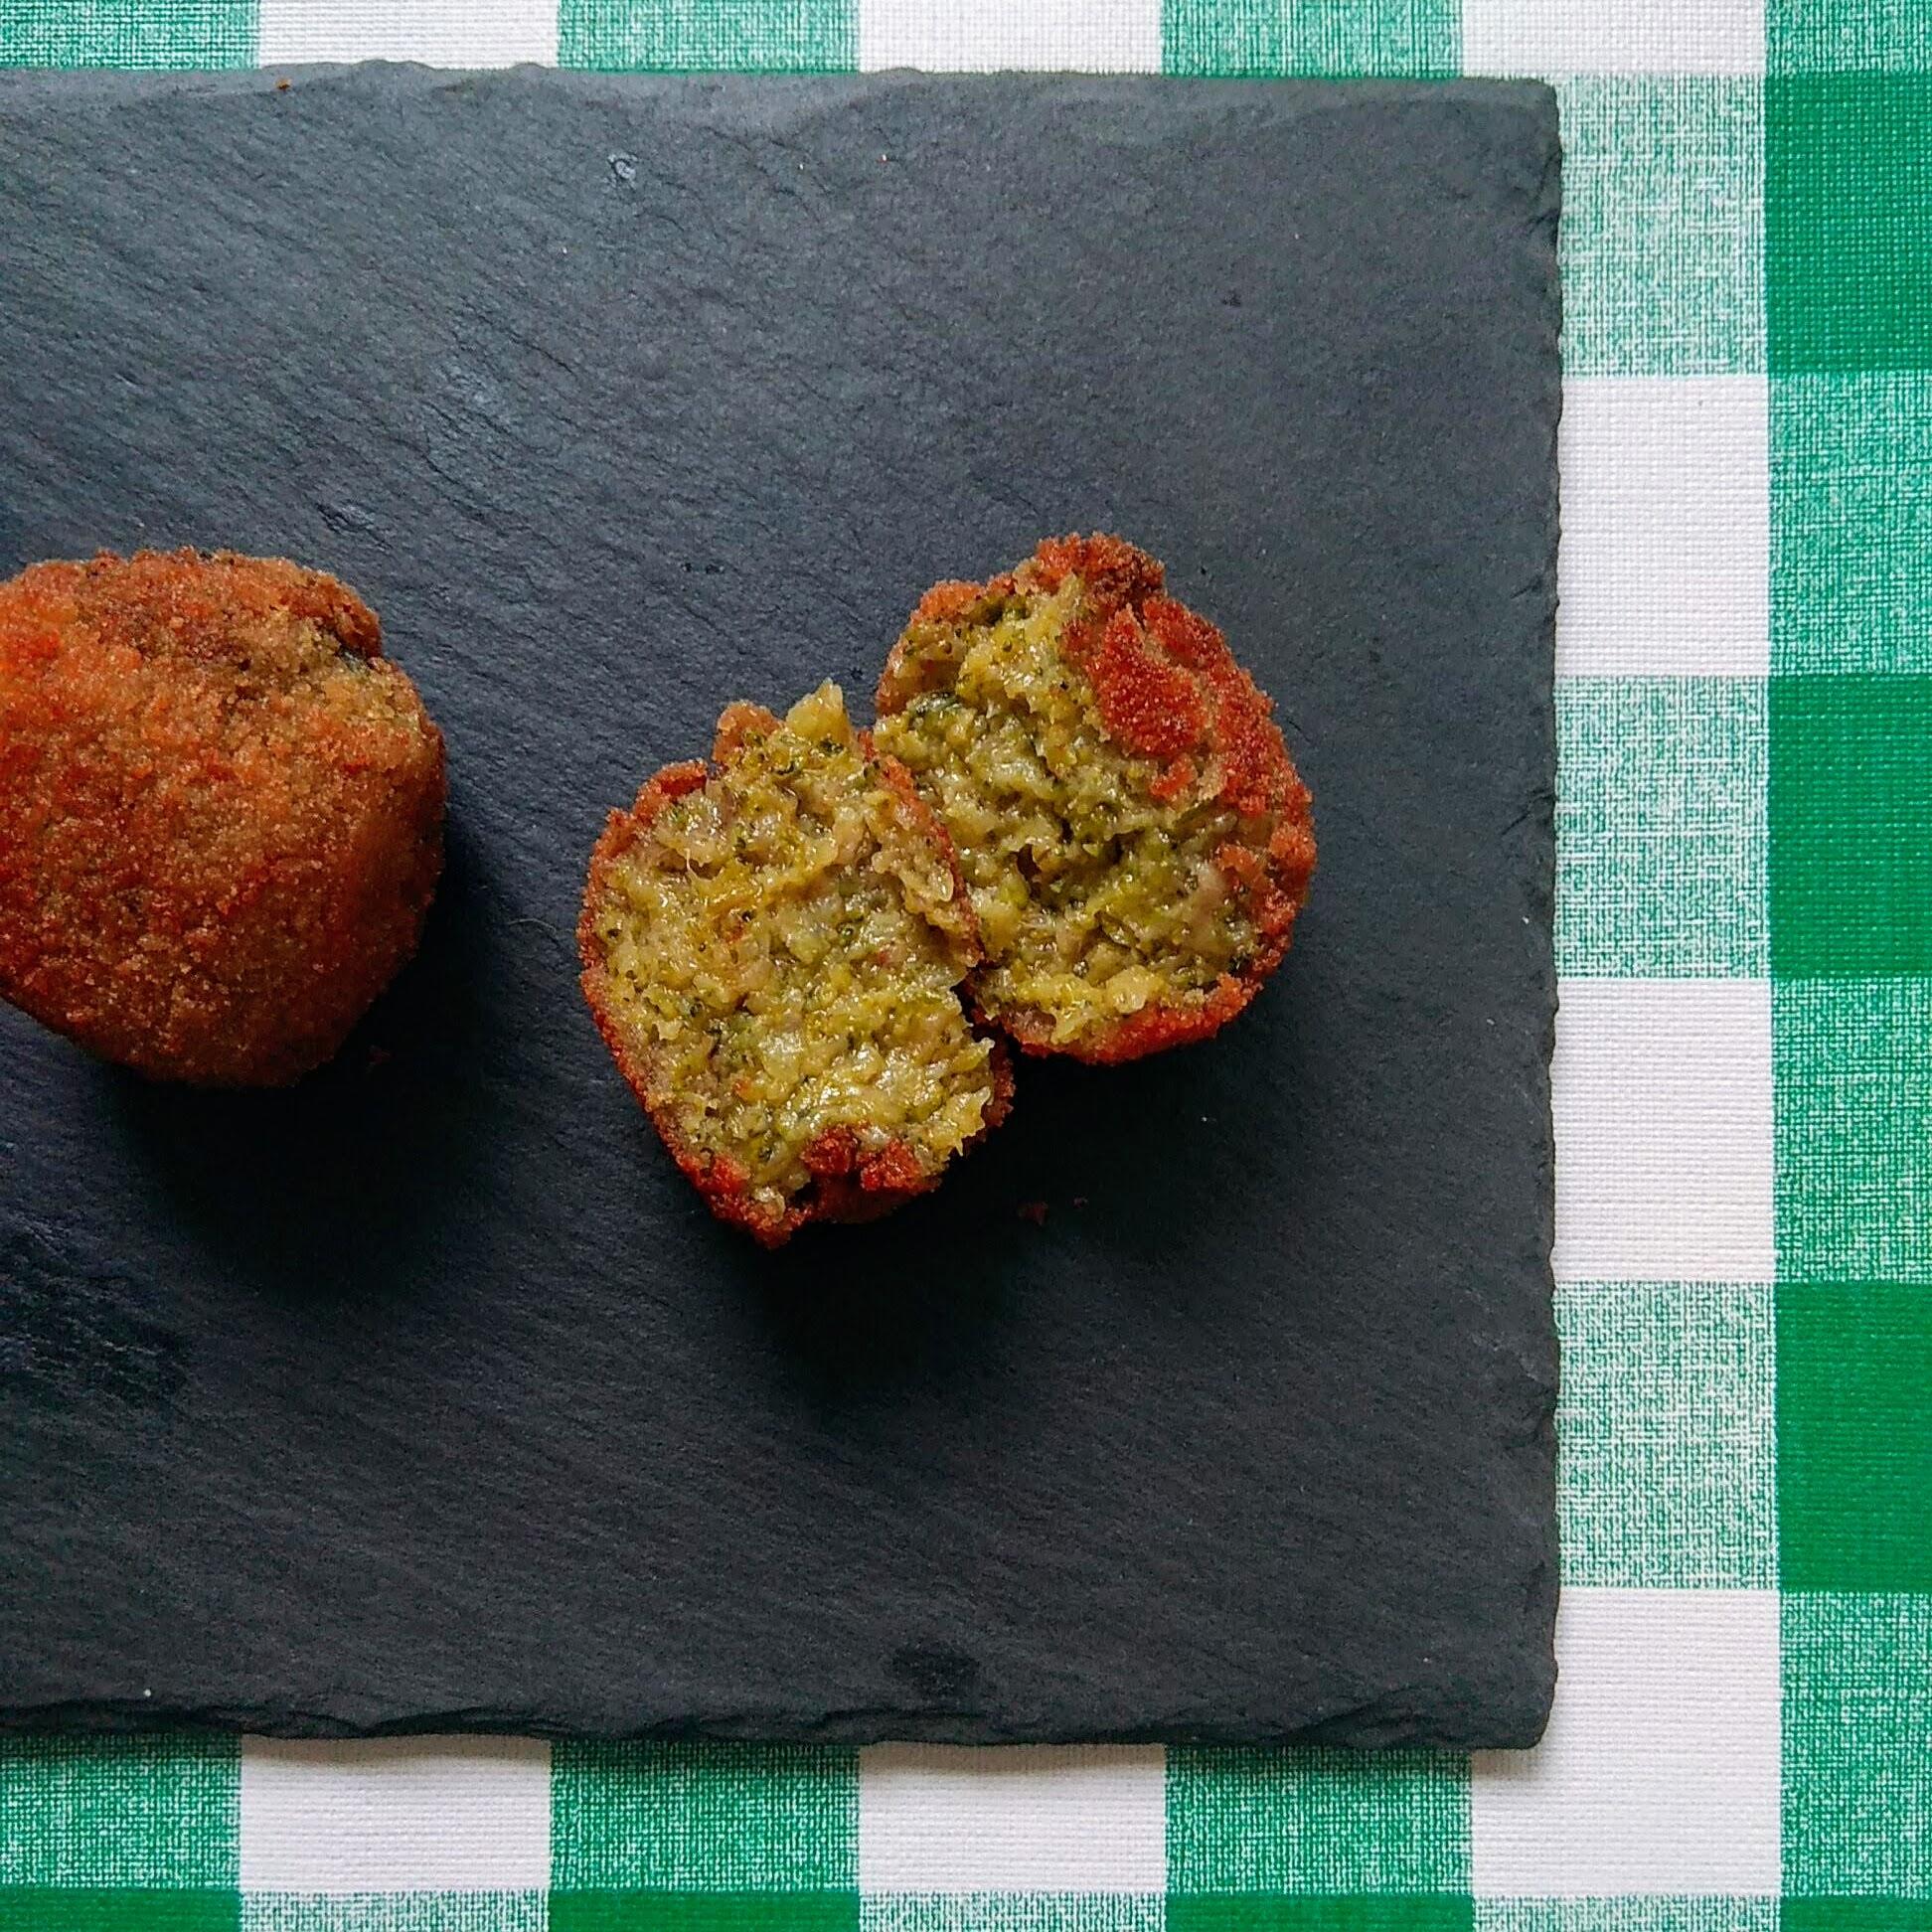 Receta fácil de croquetas veganas. Descúbrela en: www.cocinandoconlola.com